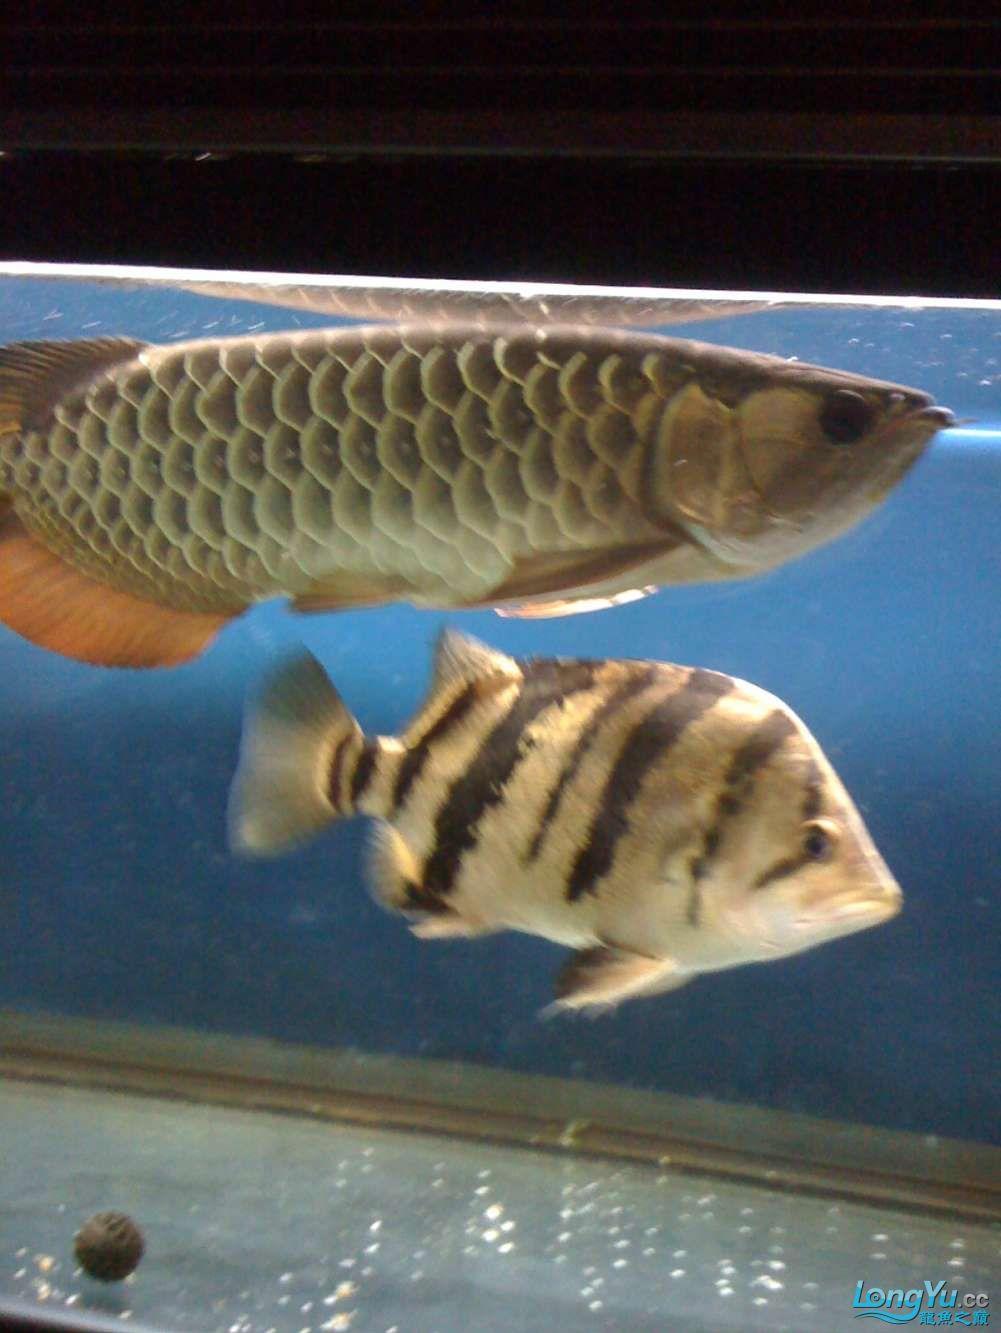 【西安朱巴利】我的小金 西安观赏鱼信息 西安博特第4张